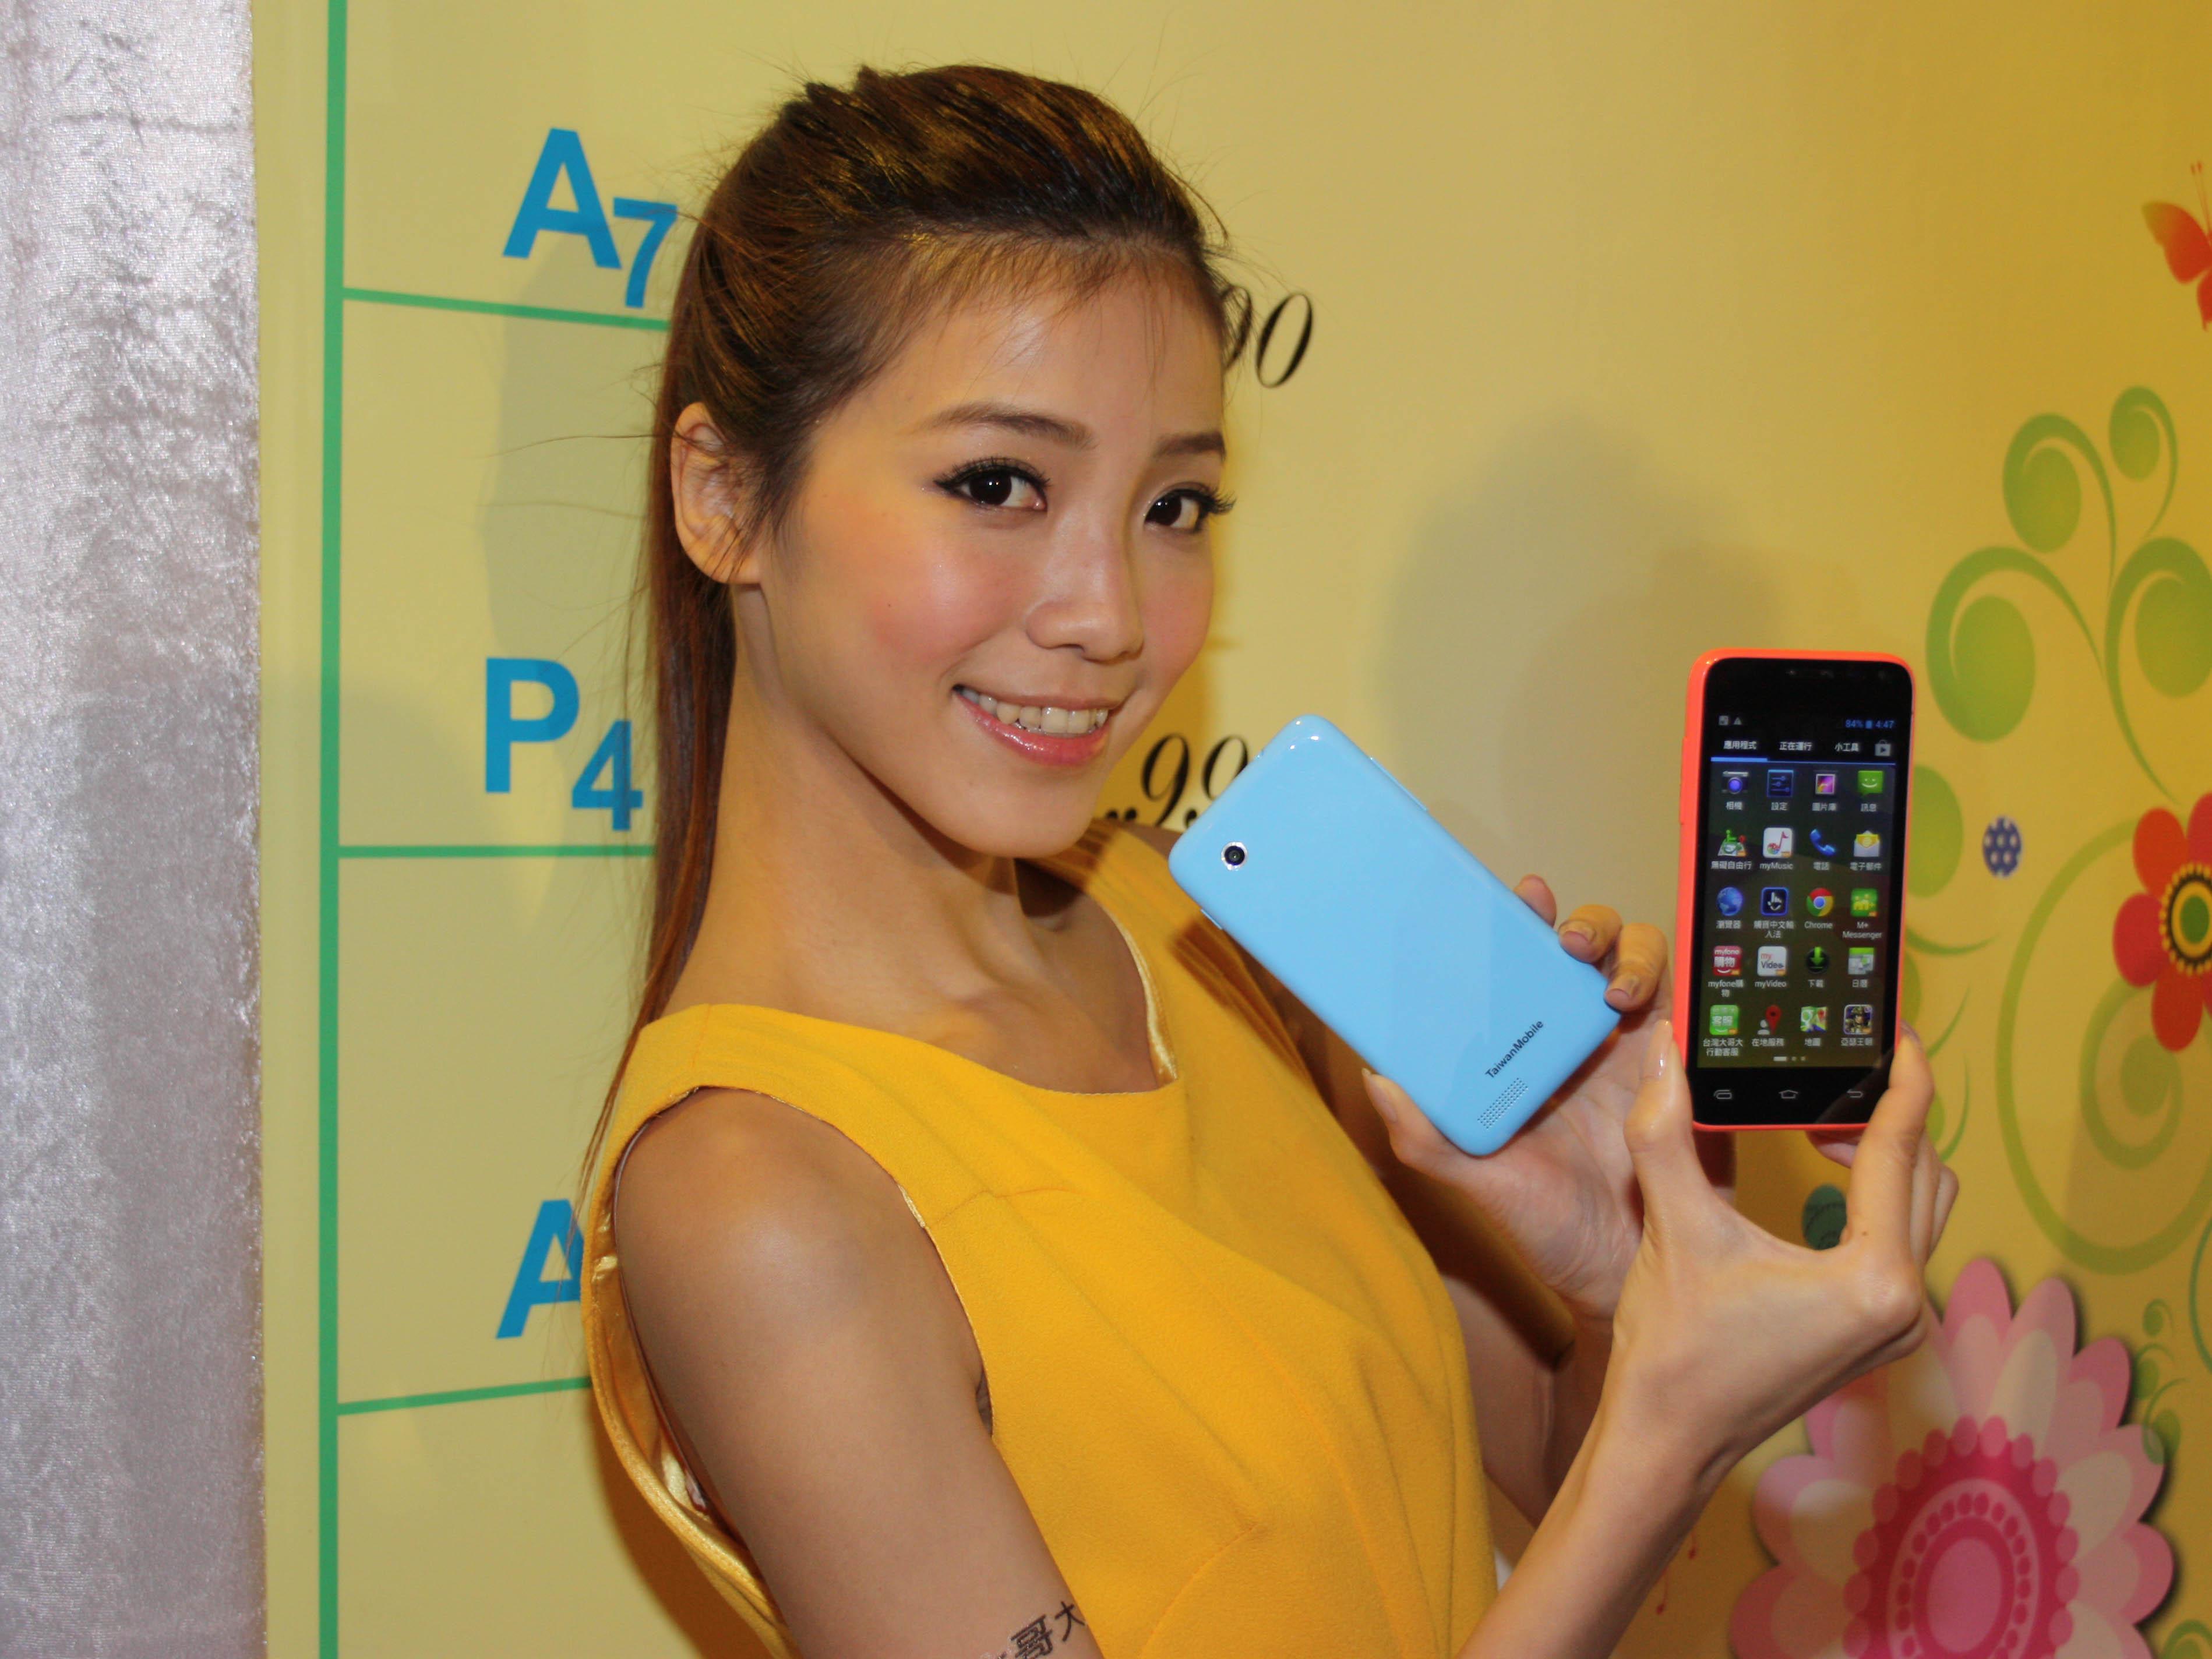 台哥大發表自有品牌 5.5 吋 A7、皮革背蓋 A6S、多彩外殼 A5C 智慧手機,外加入門平板 P5